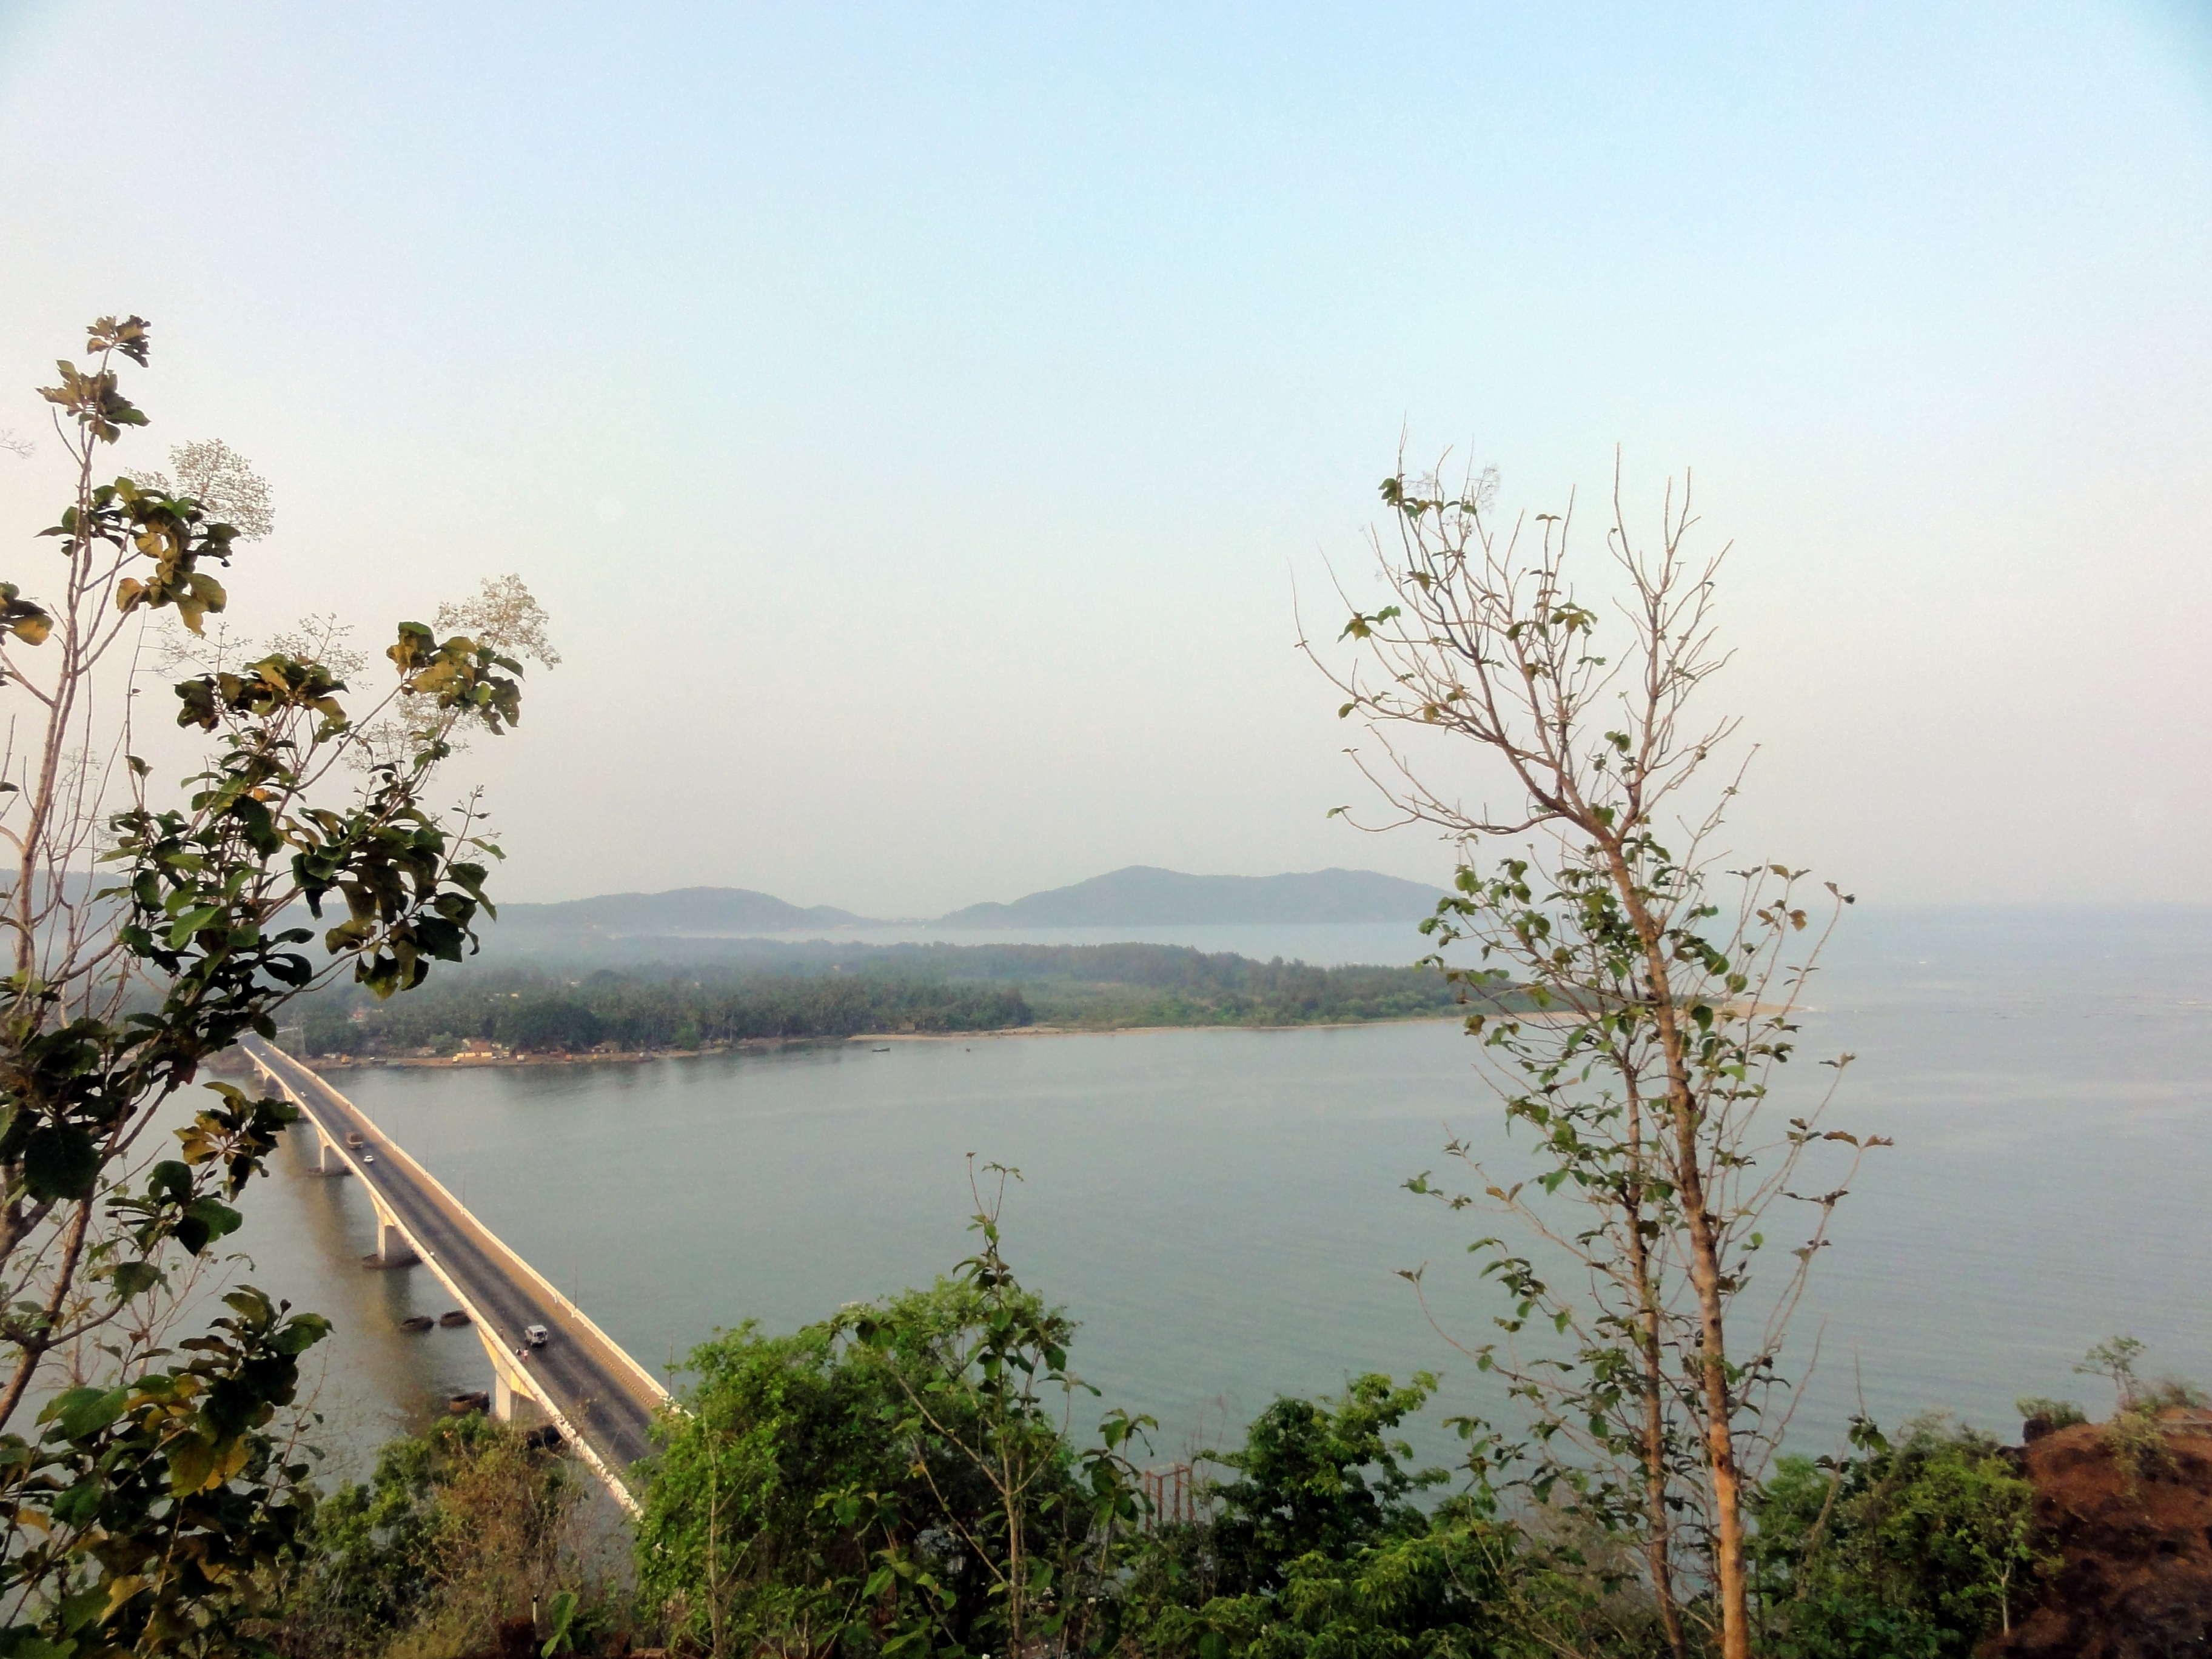 Kali River Bridge and Estuary Point